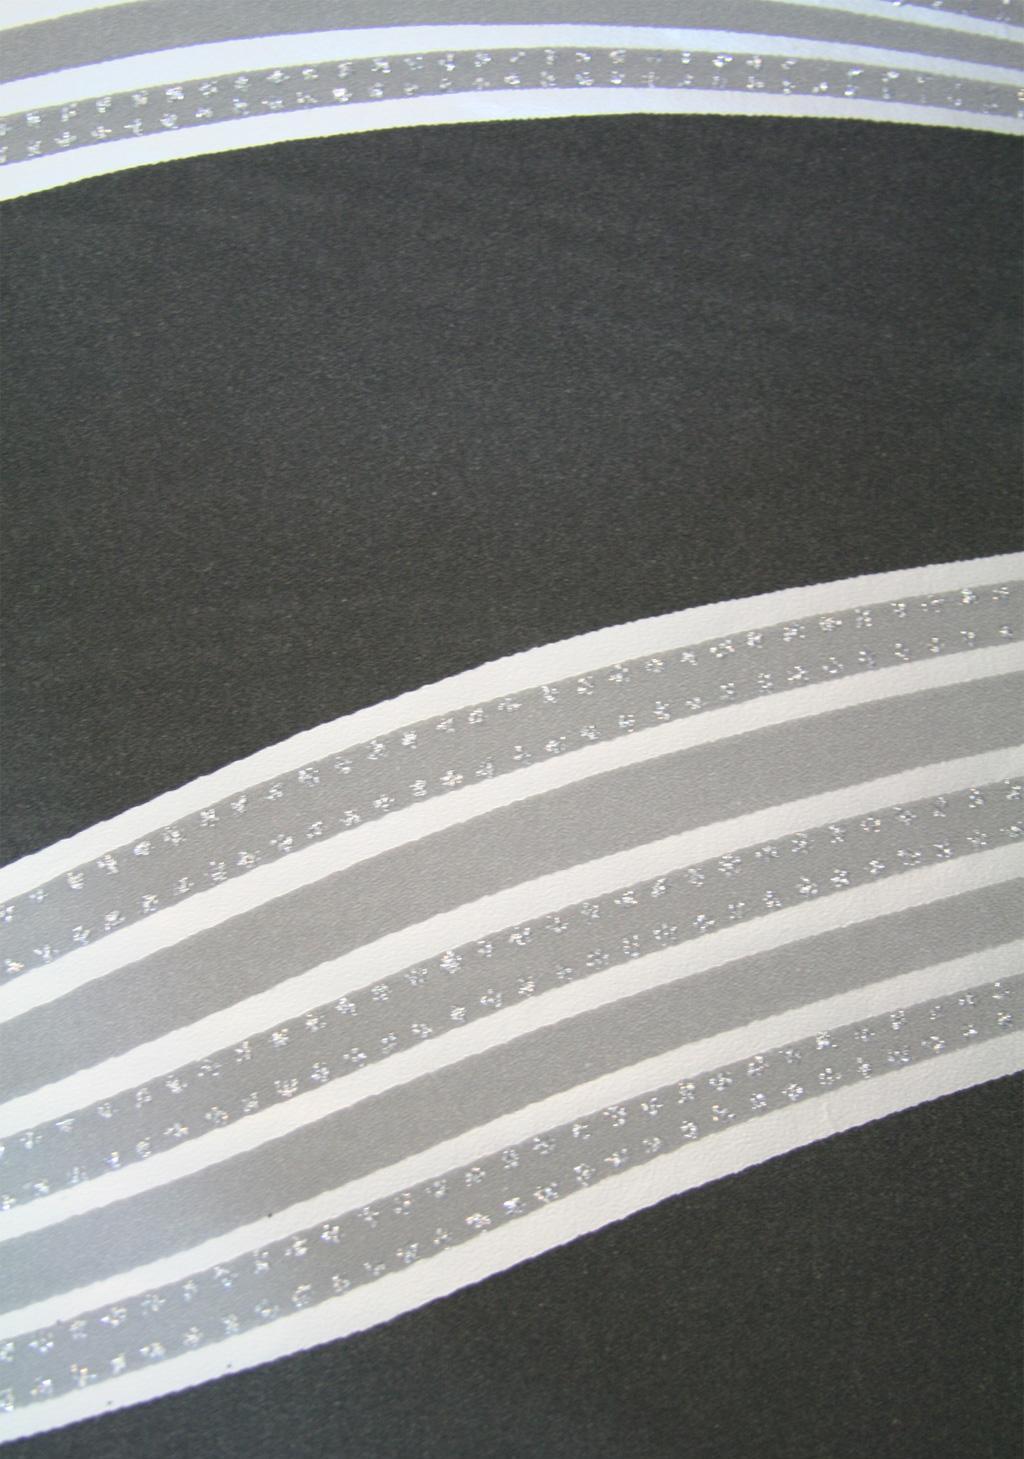 豪美迪壁纸欧式系列-5543055430